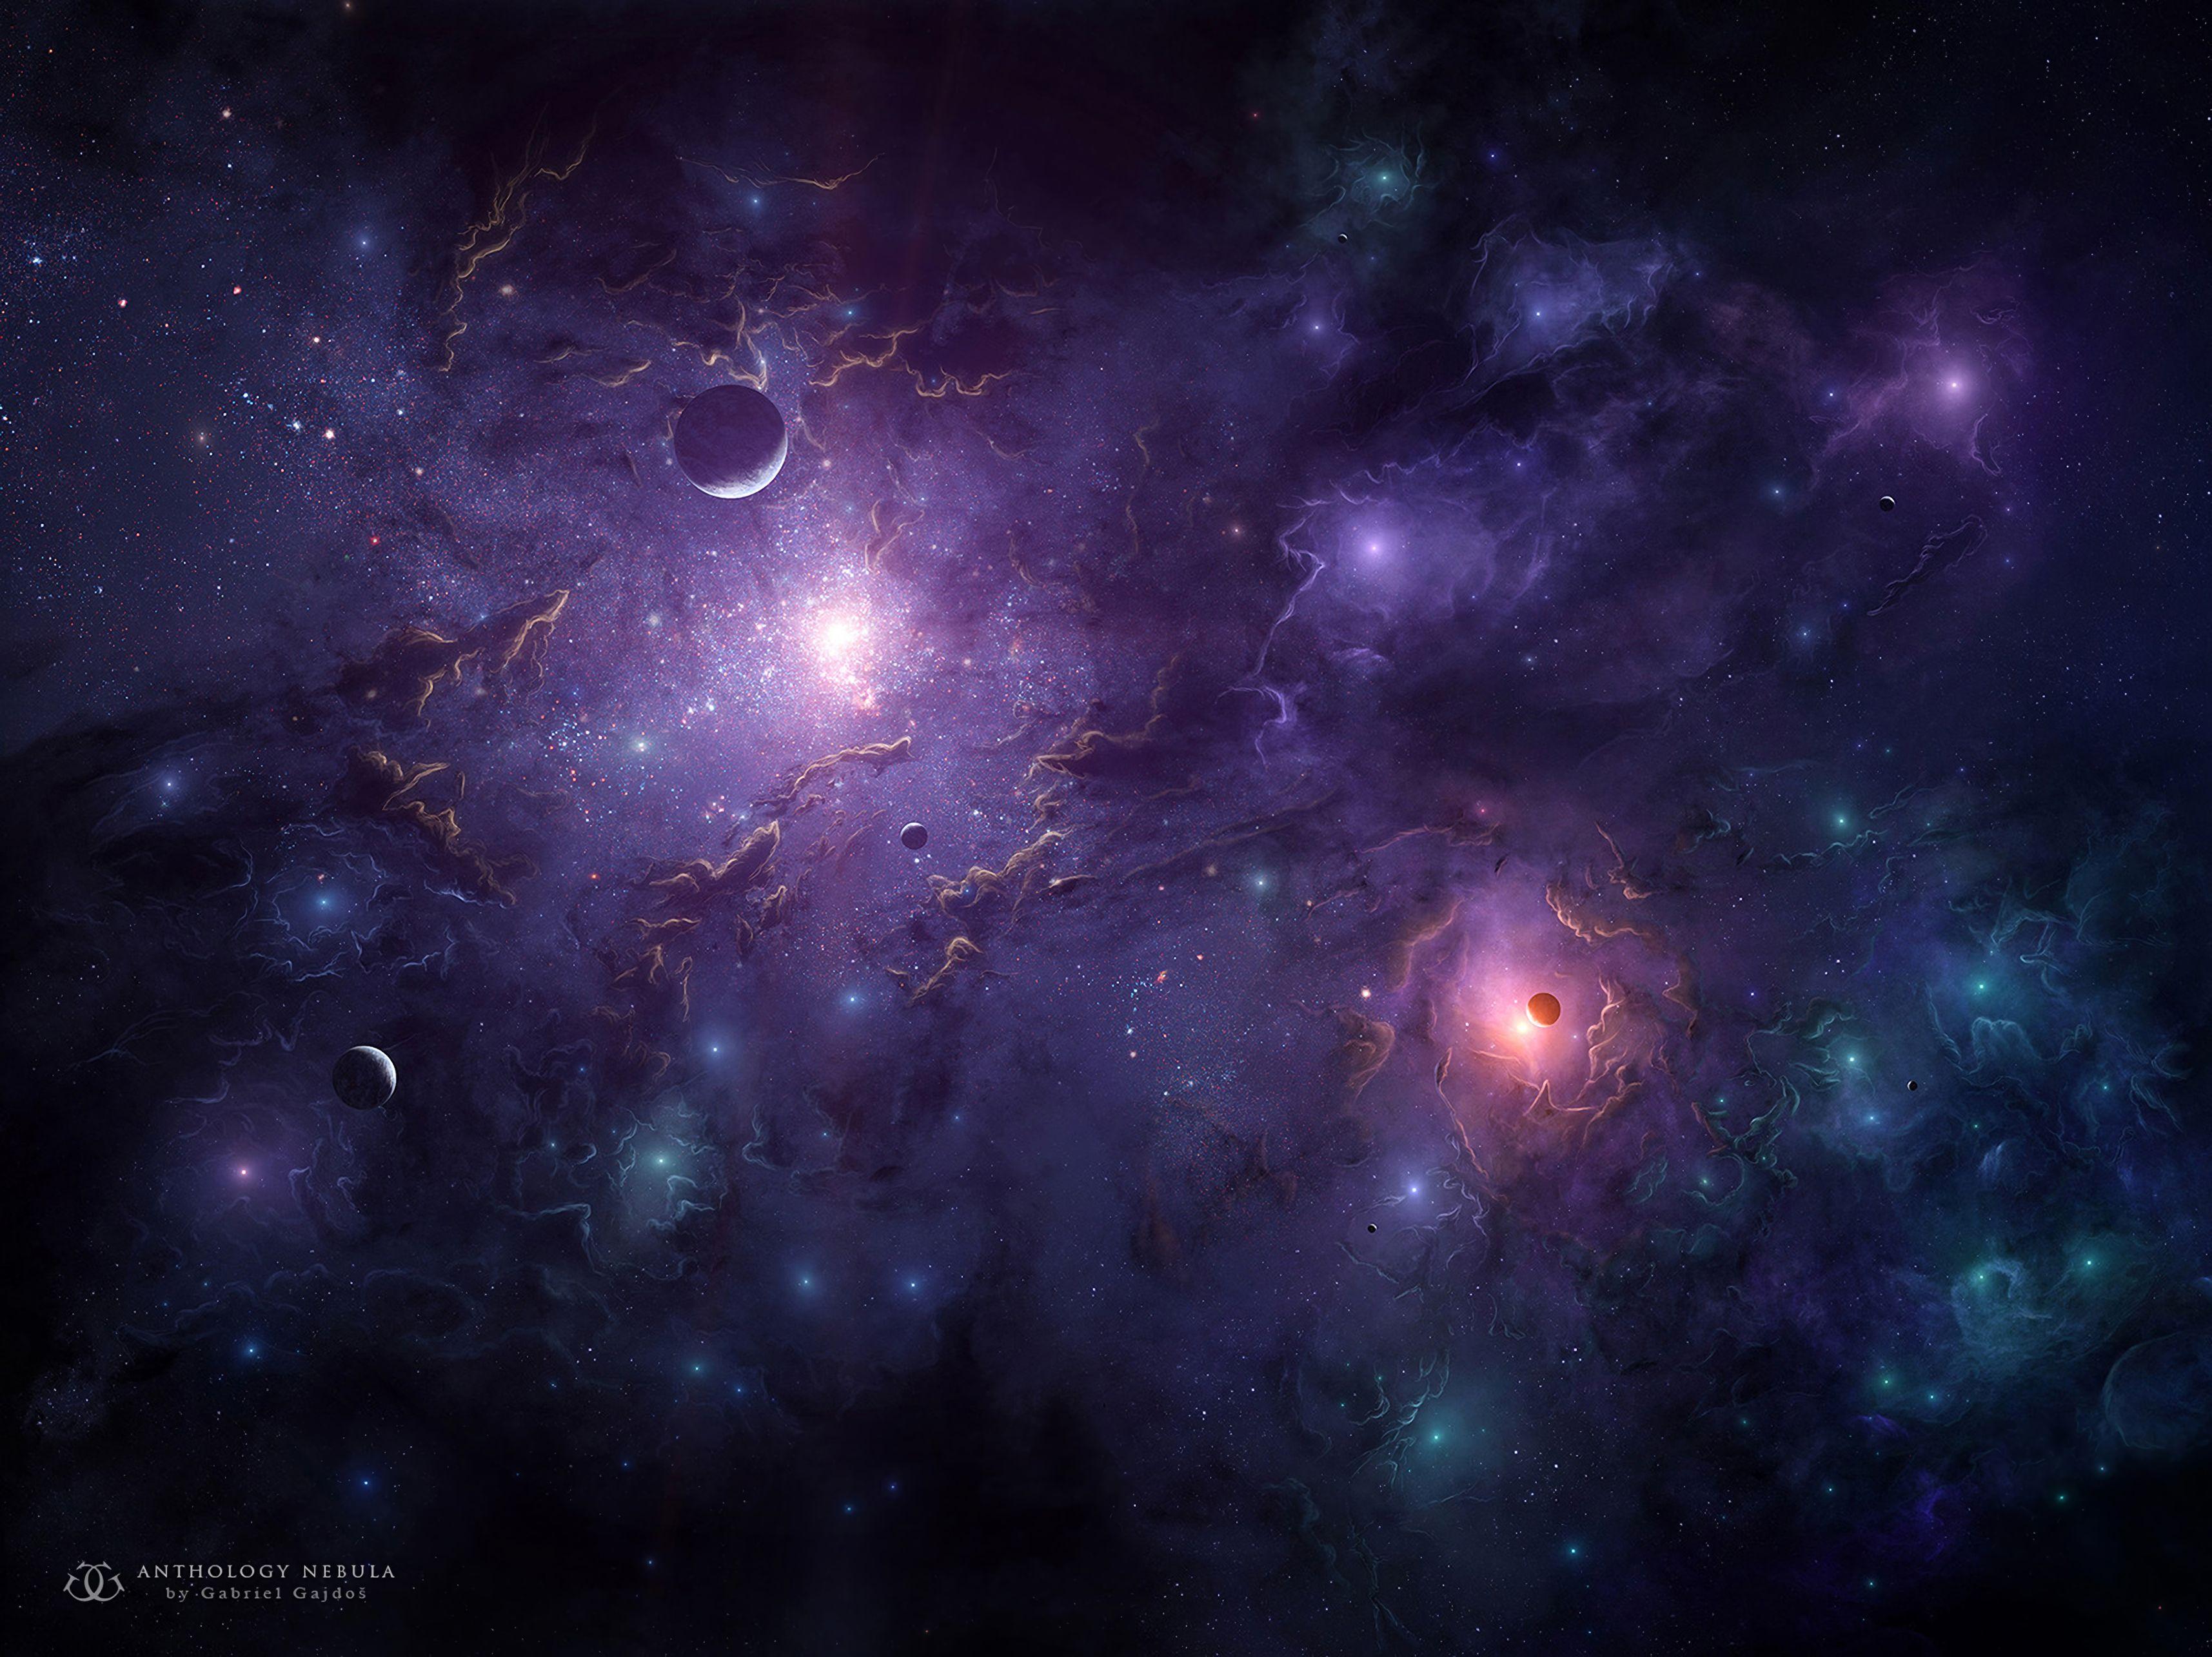 126760 Hintergrundbild herunterladen Planets, Universum, Sterne, Clouds, Schein, Galaxis, Galaxy - Bildschirmschoner und Bilder kostenlos